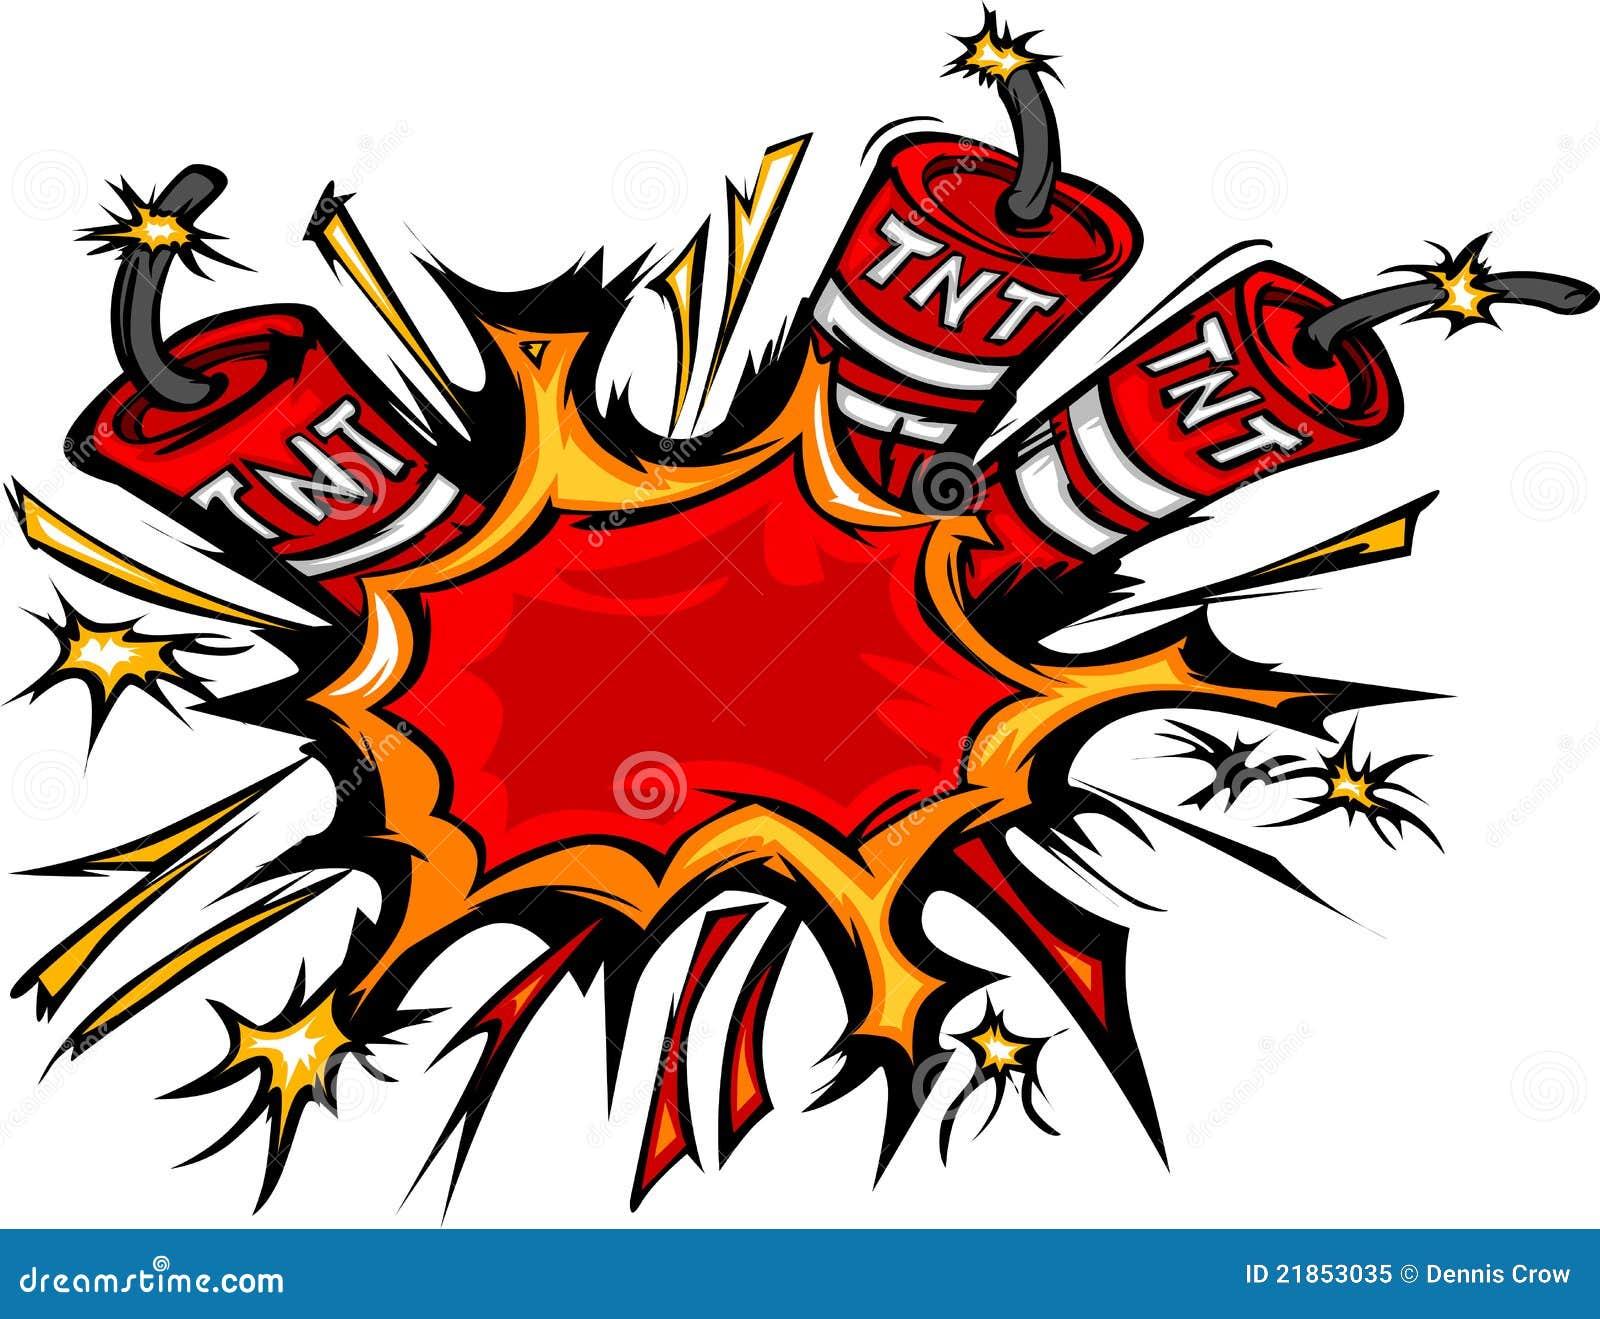 Dynamite Explosion Cartoon Illustration Stock Vector ...